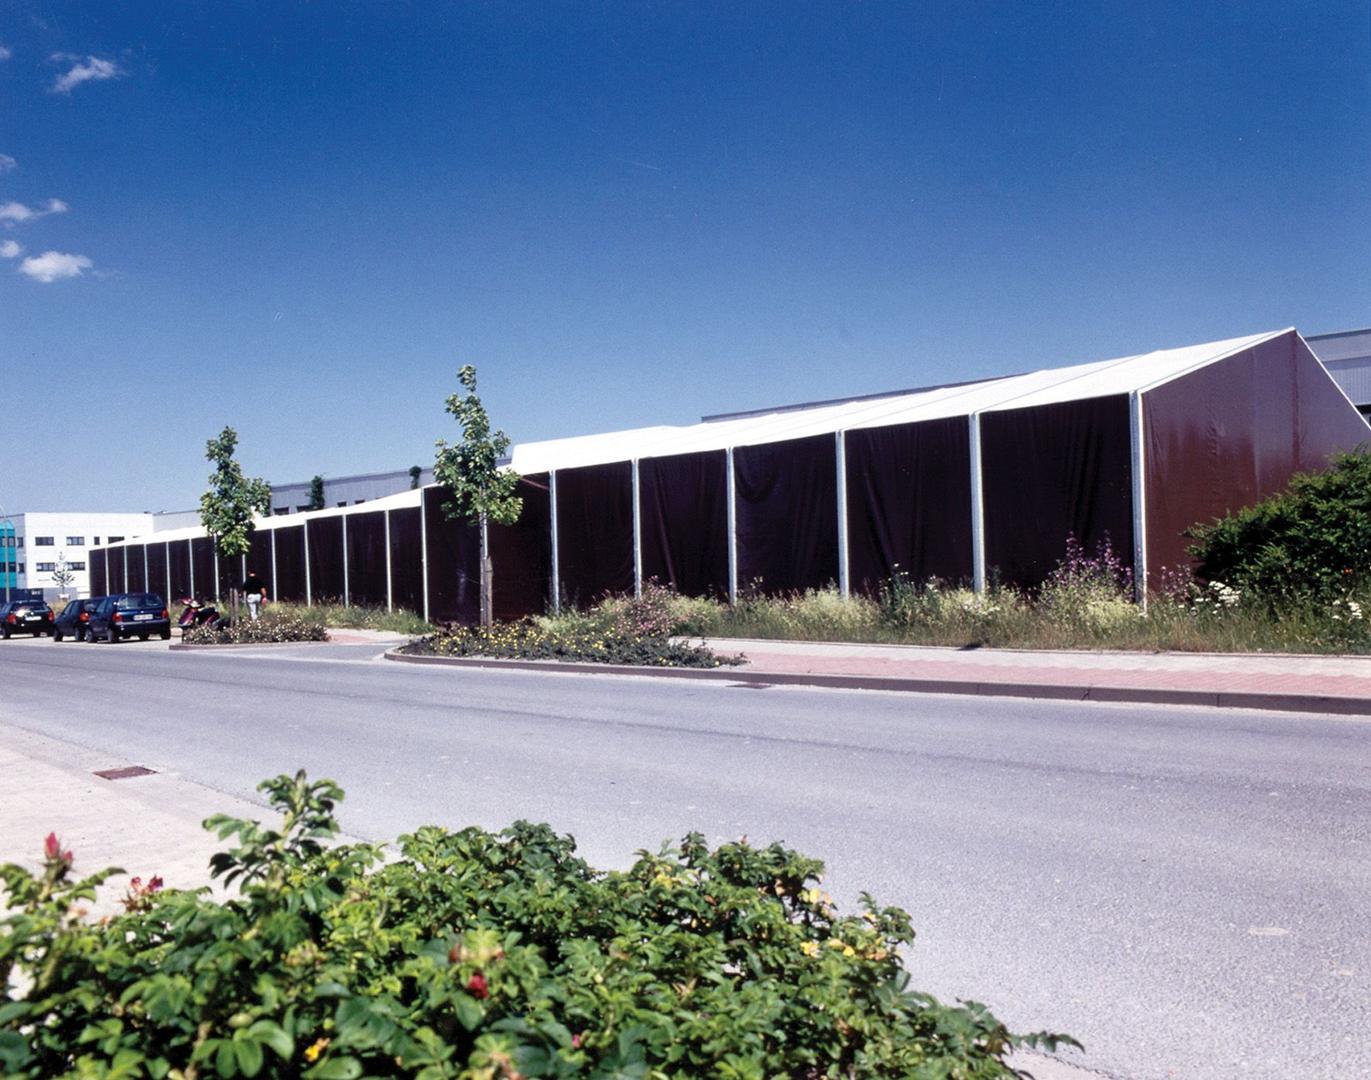 Lagerzelt mieten & vermieten - Leichtbauhalle, Lagerhalle, Lagerzelt 20x50m in Reinstädt